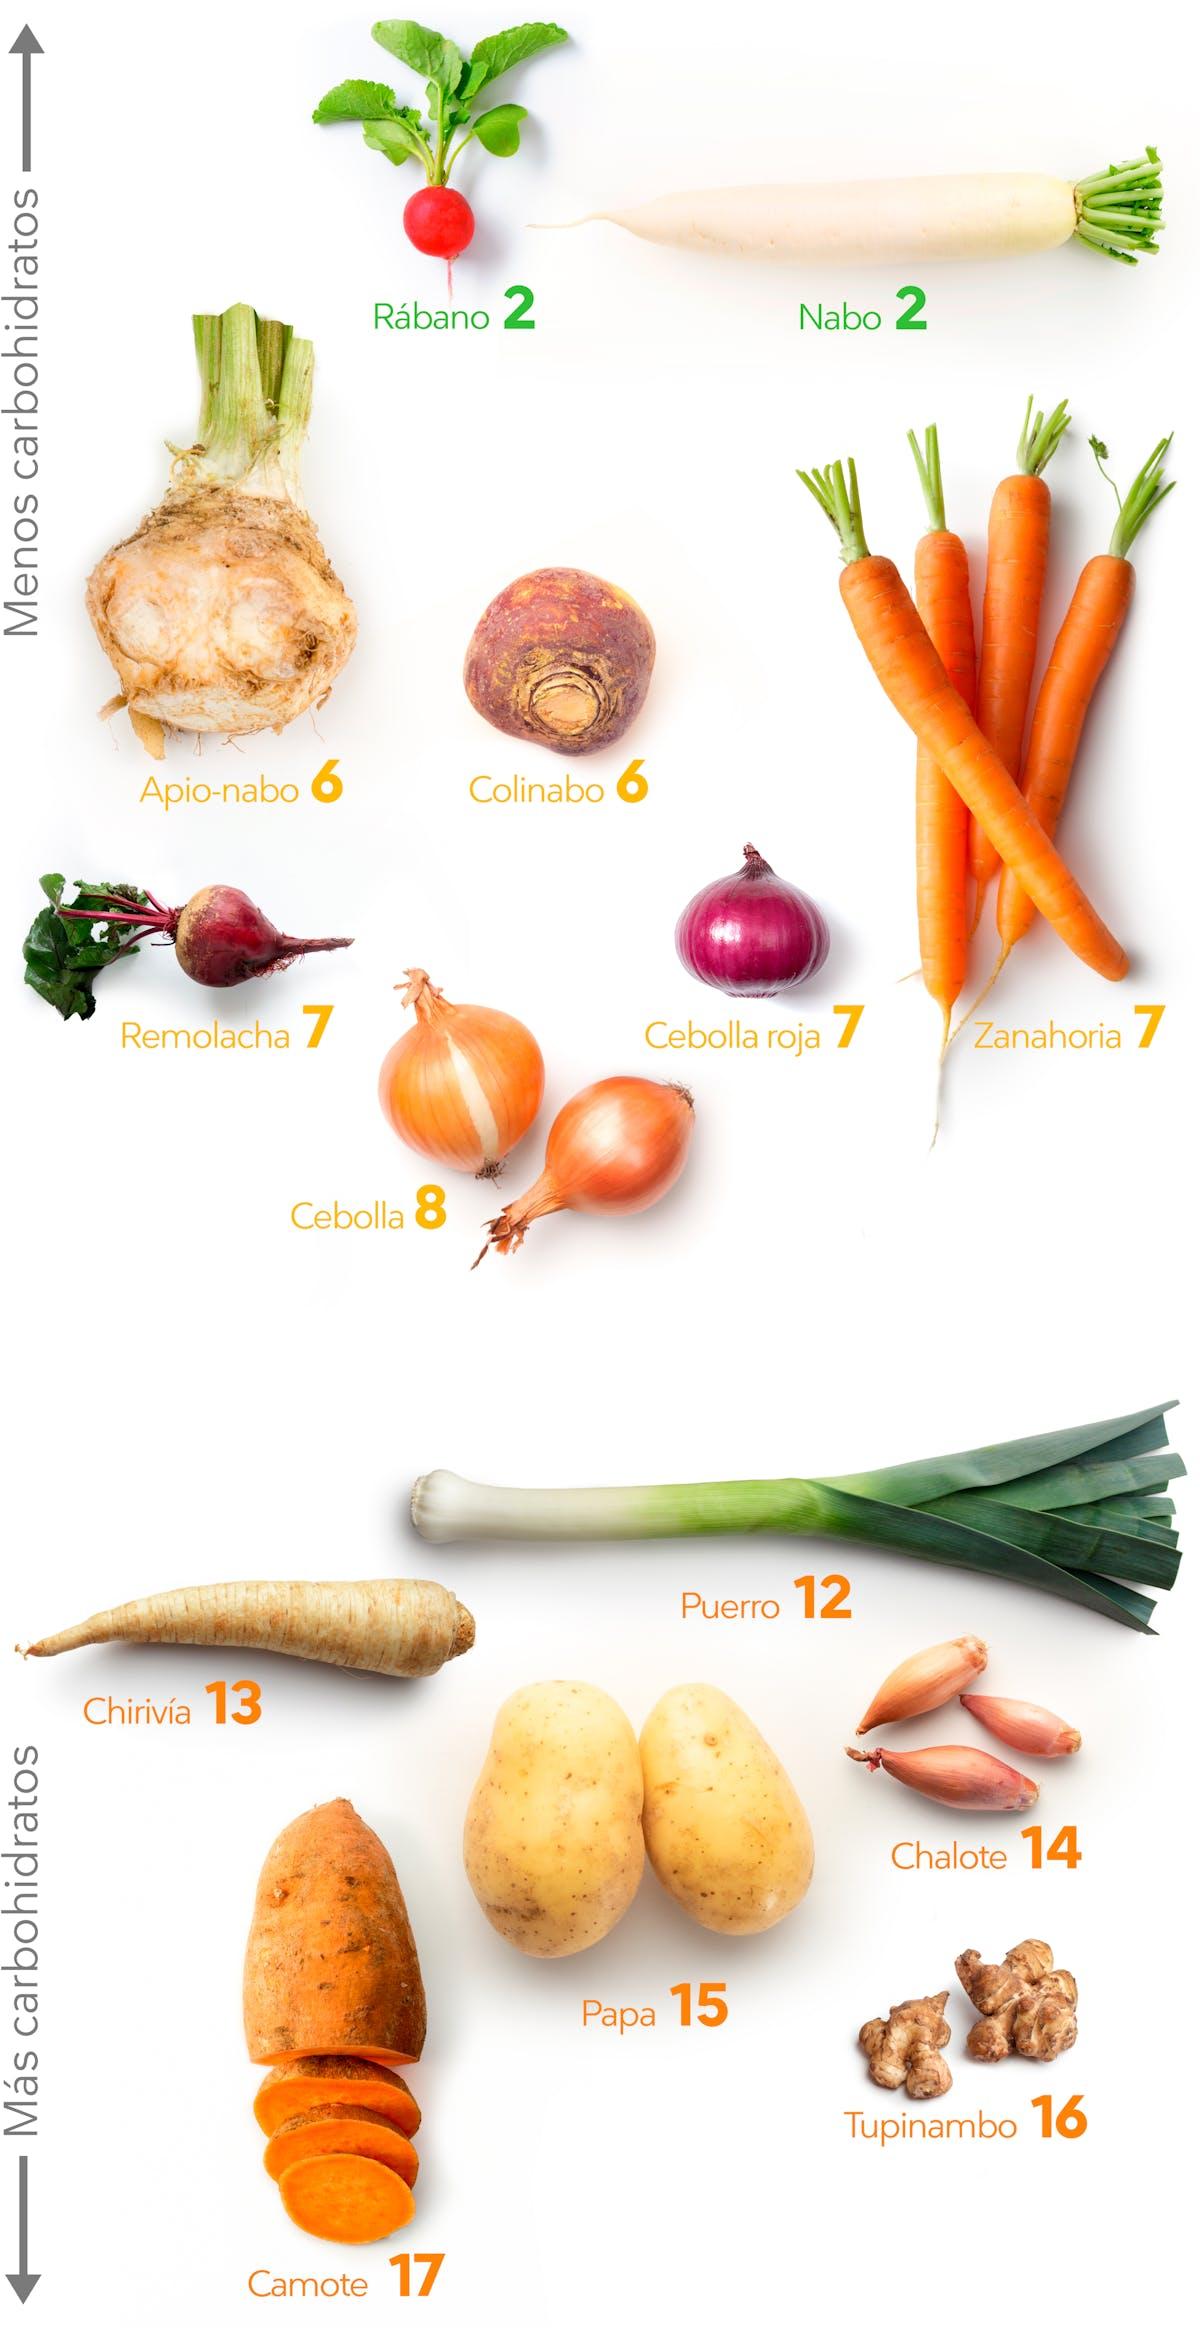 alimentos que tienen mas hidratos de carbono